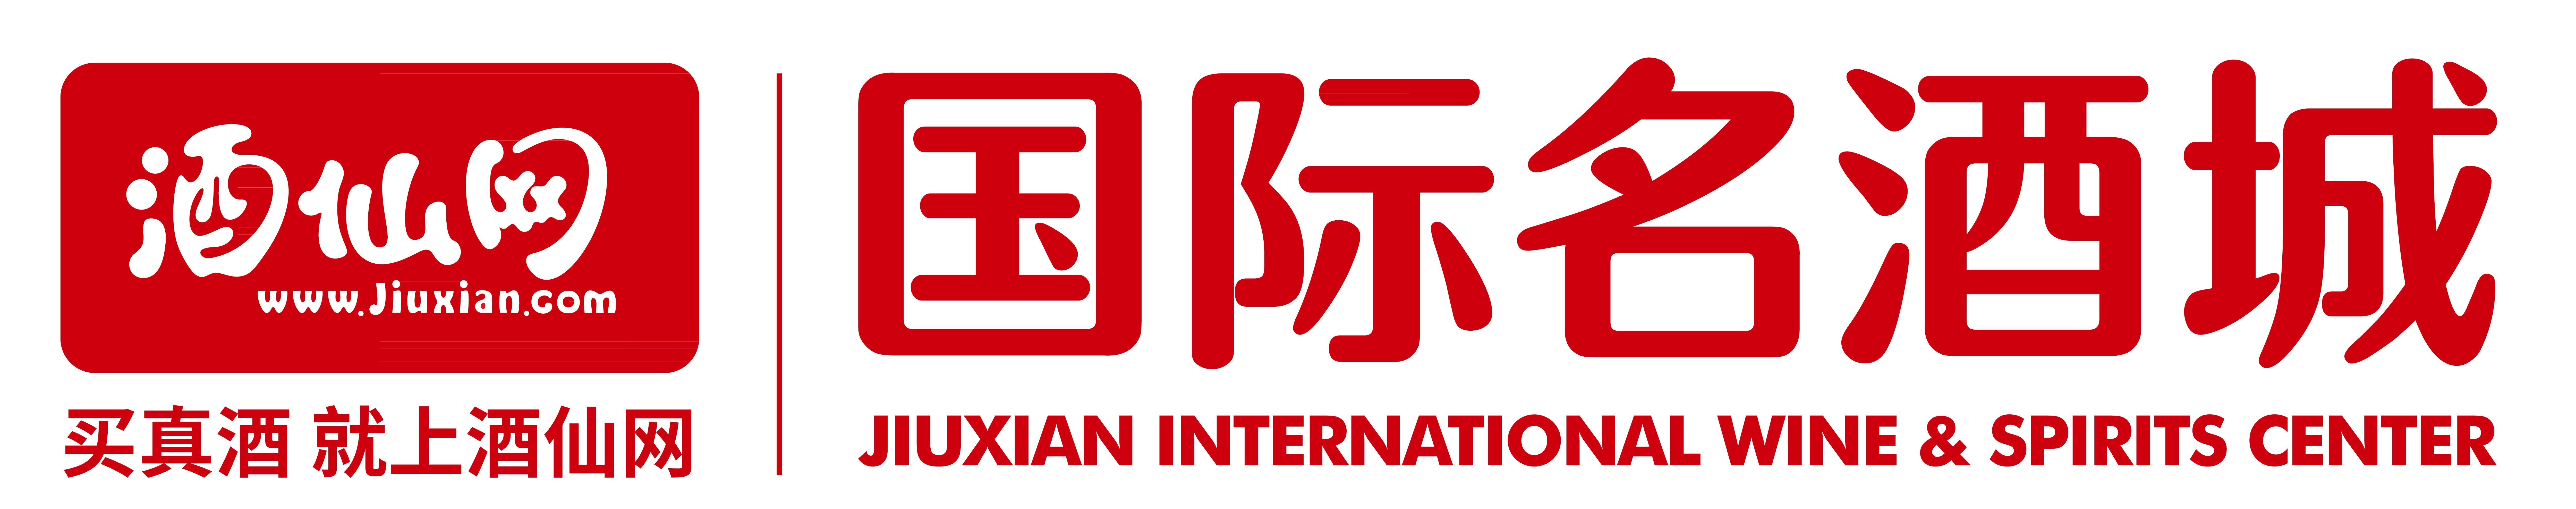 酒仙网国际名酒城加盟招商